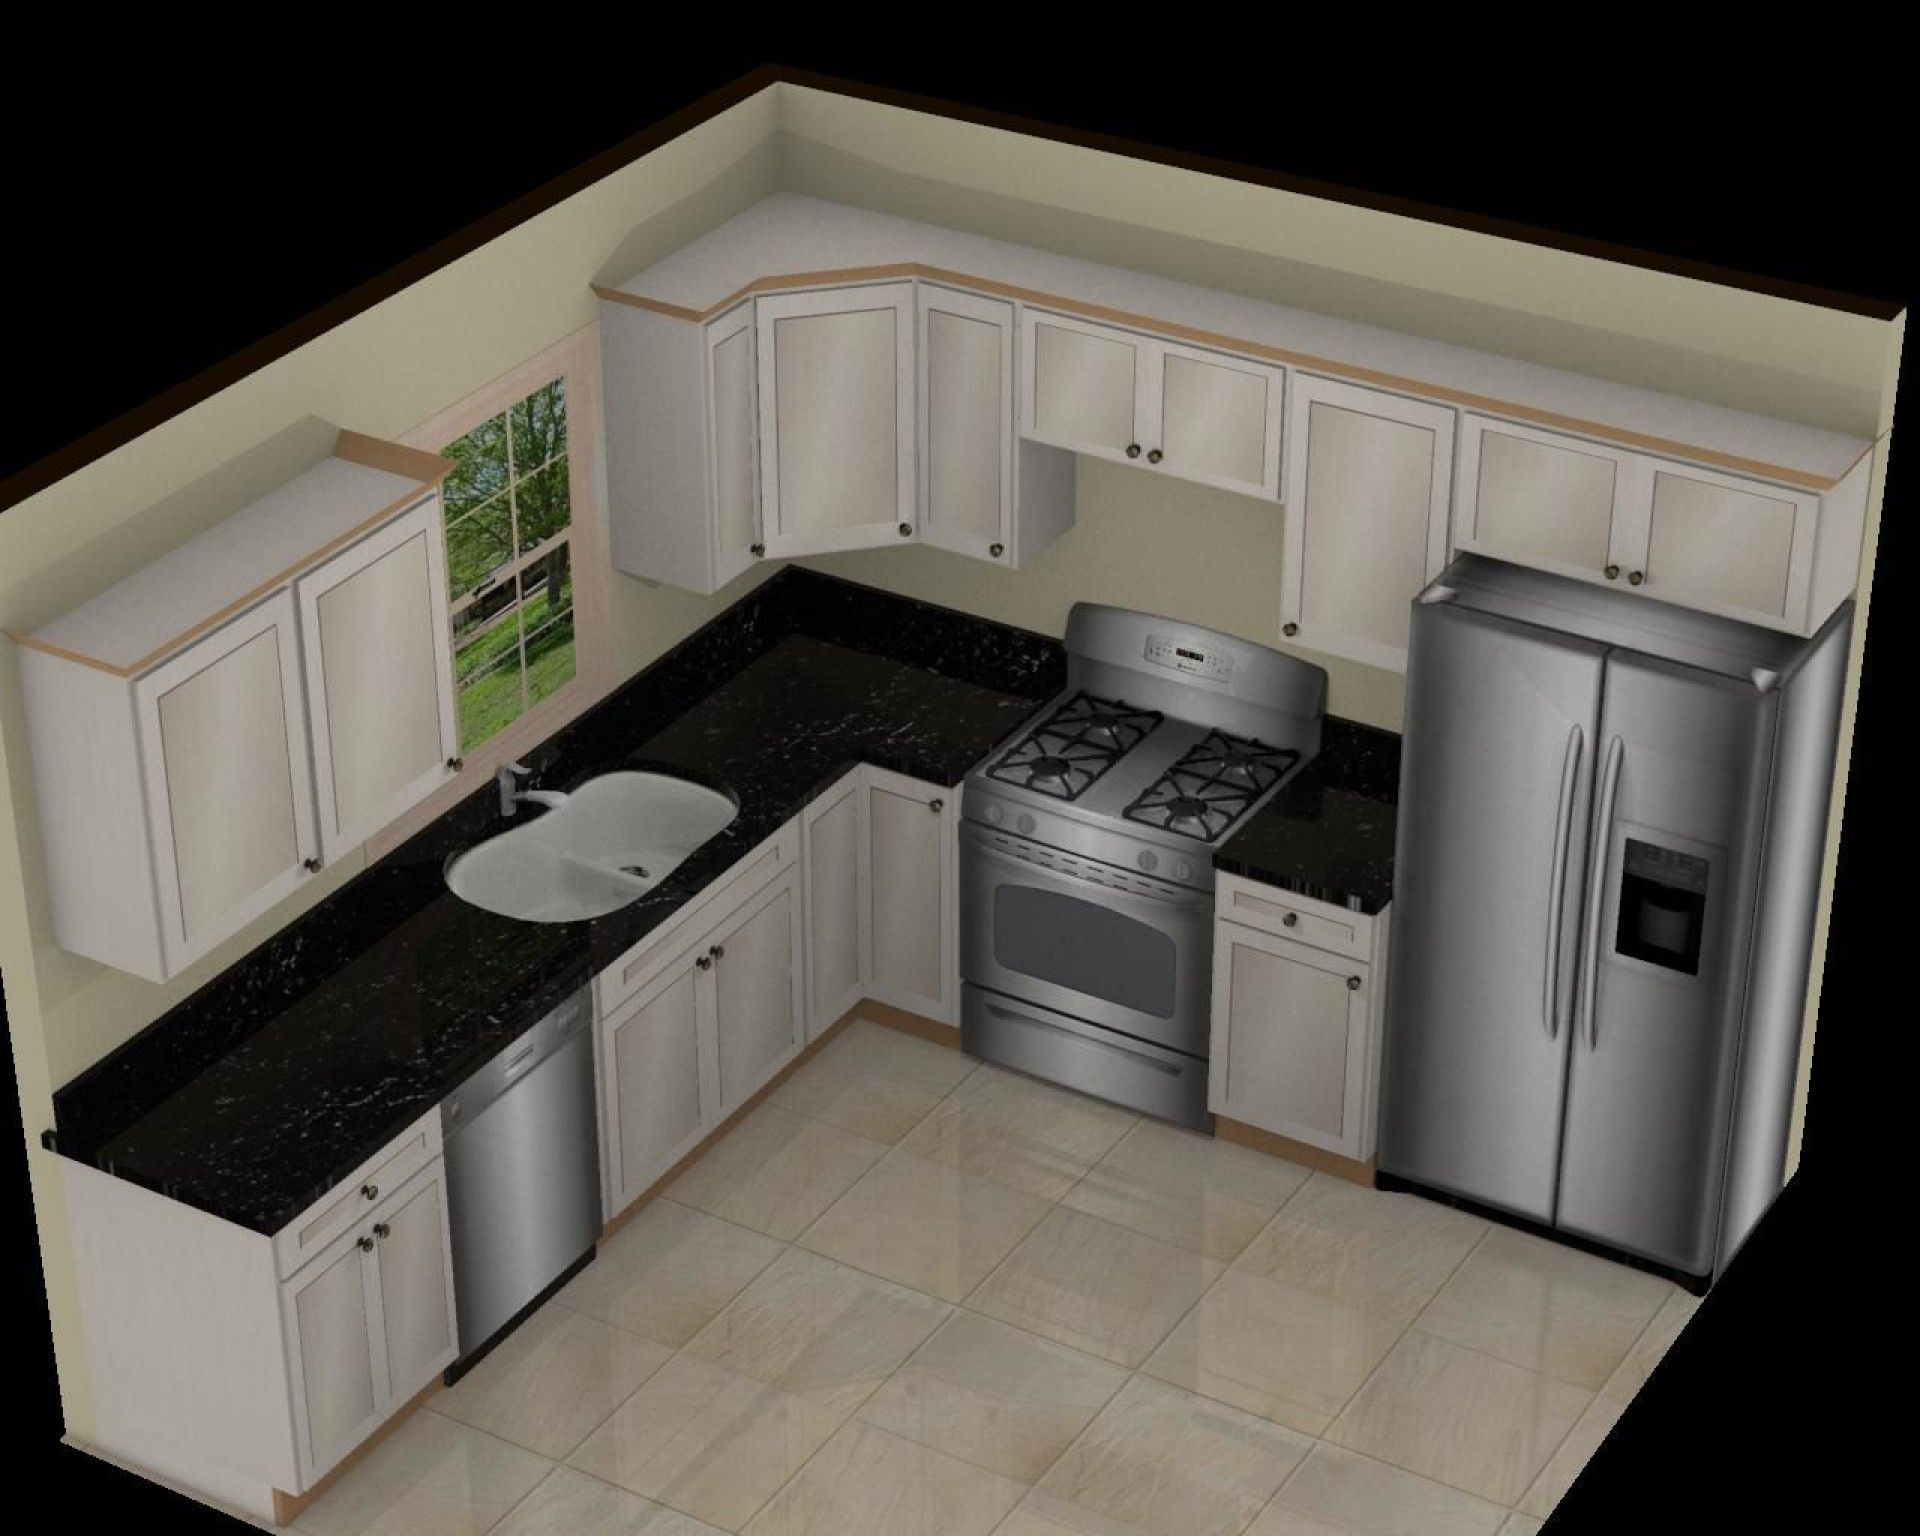 9+ 9 X 9 Kitchen Design Ideas